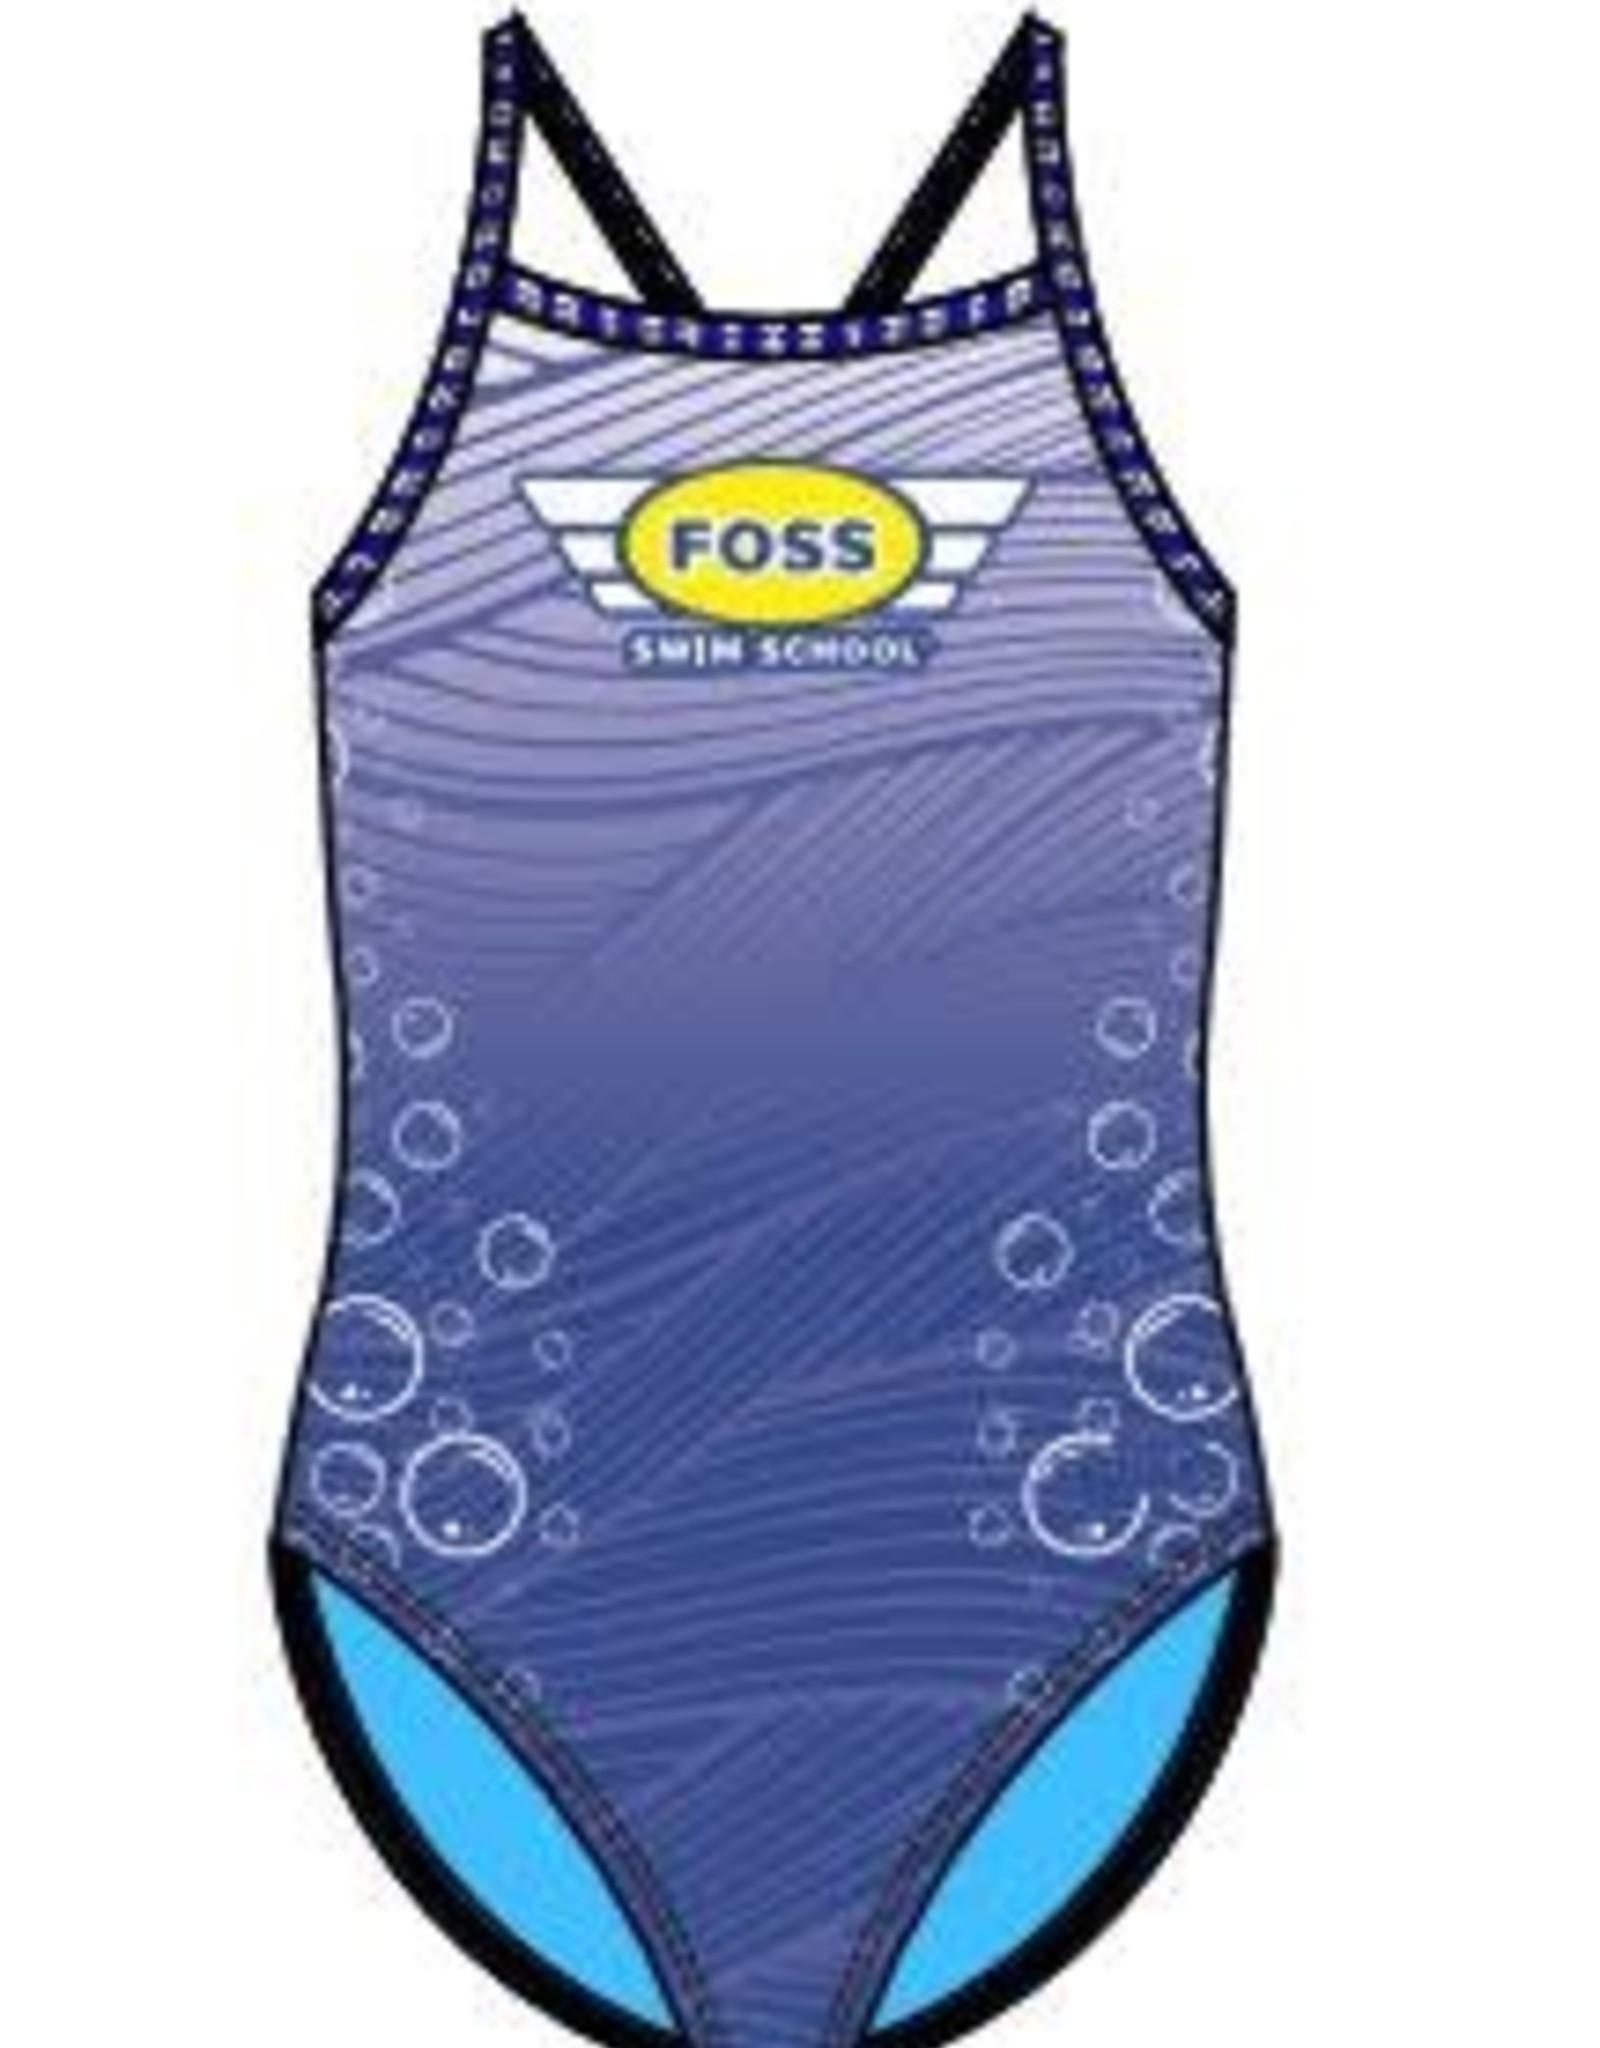 FOSS Girls Suit: Bubble Print (sizes 8-16)